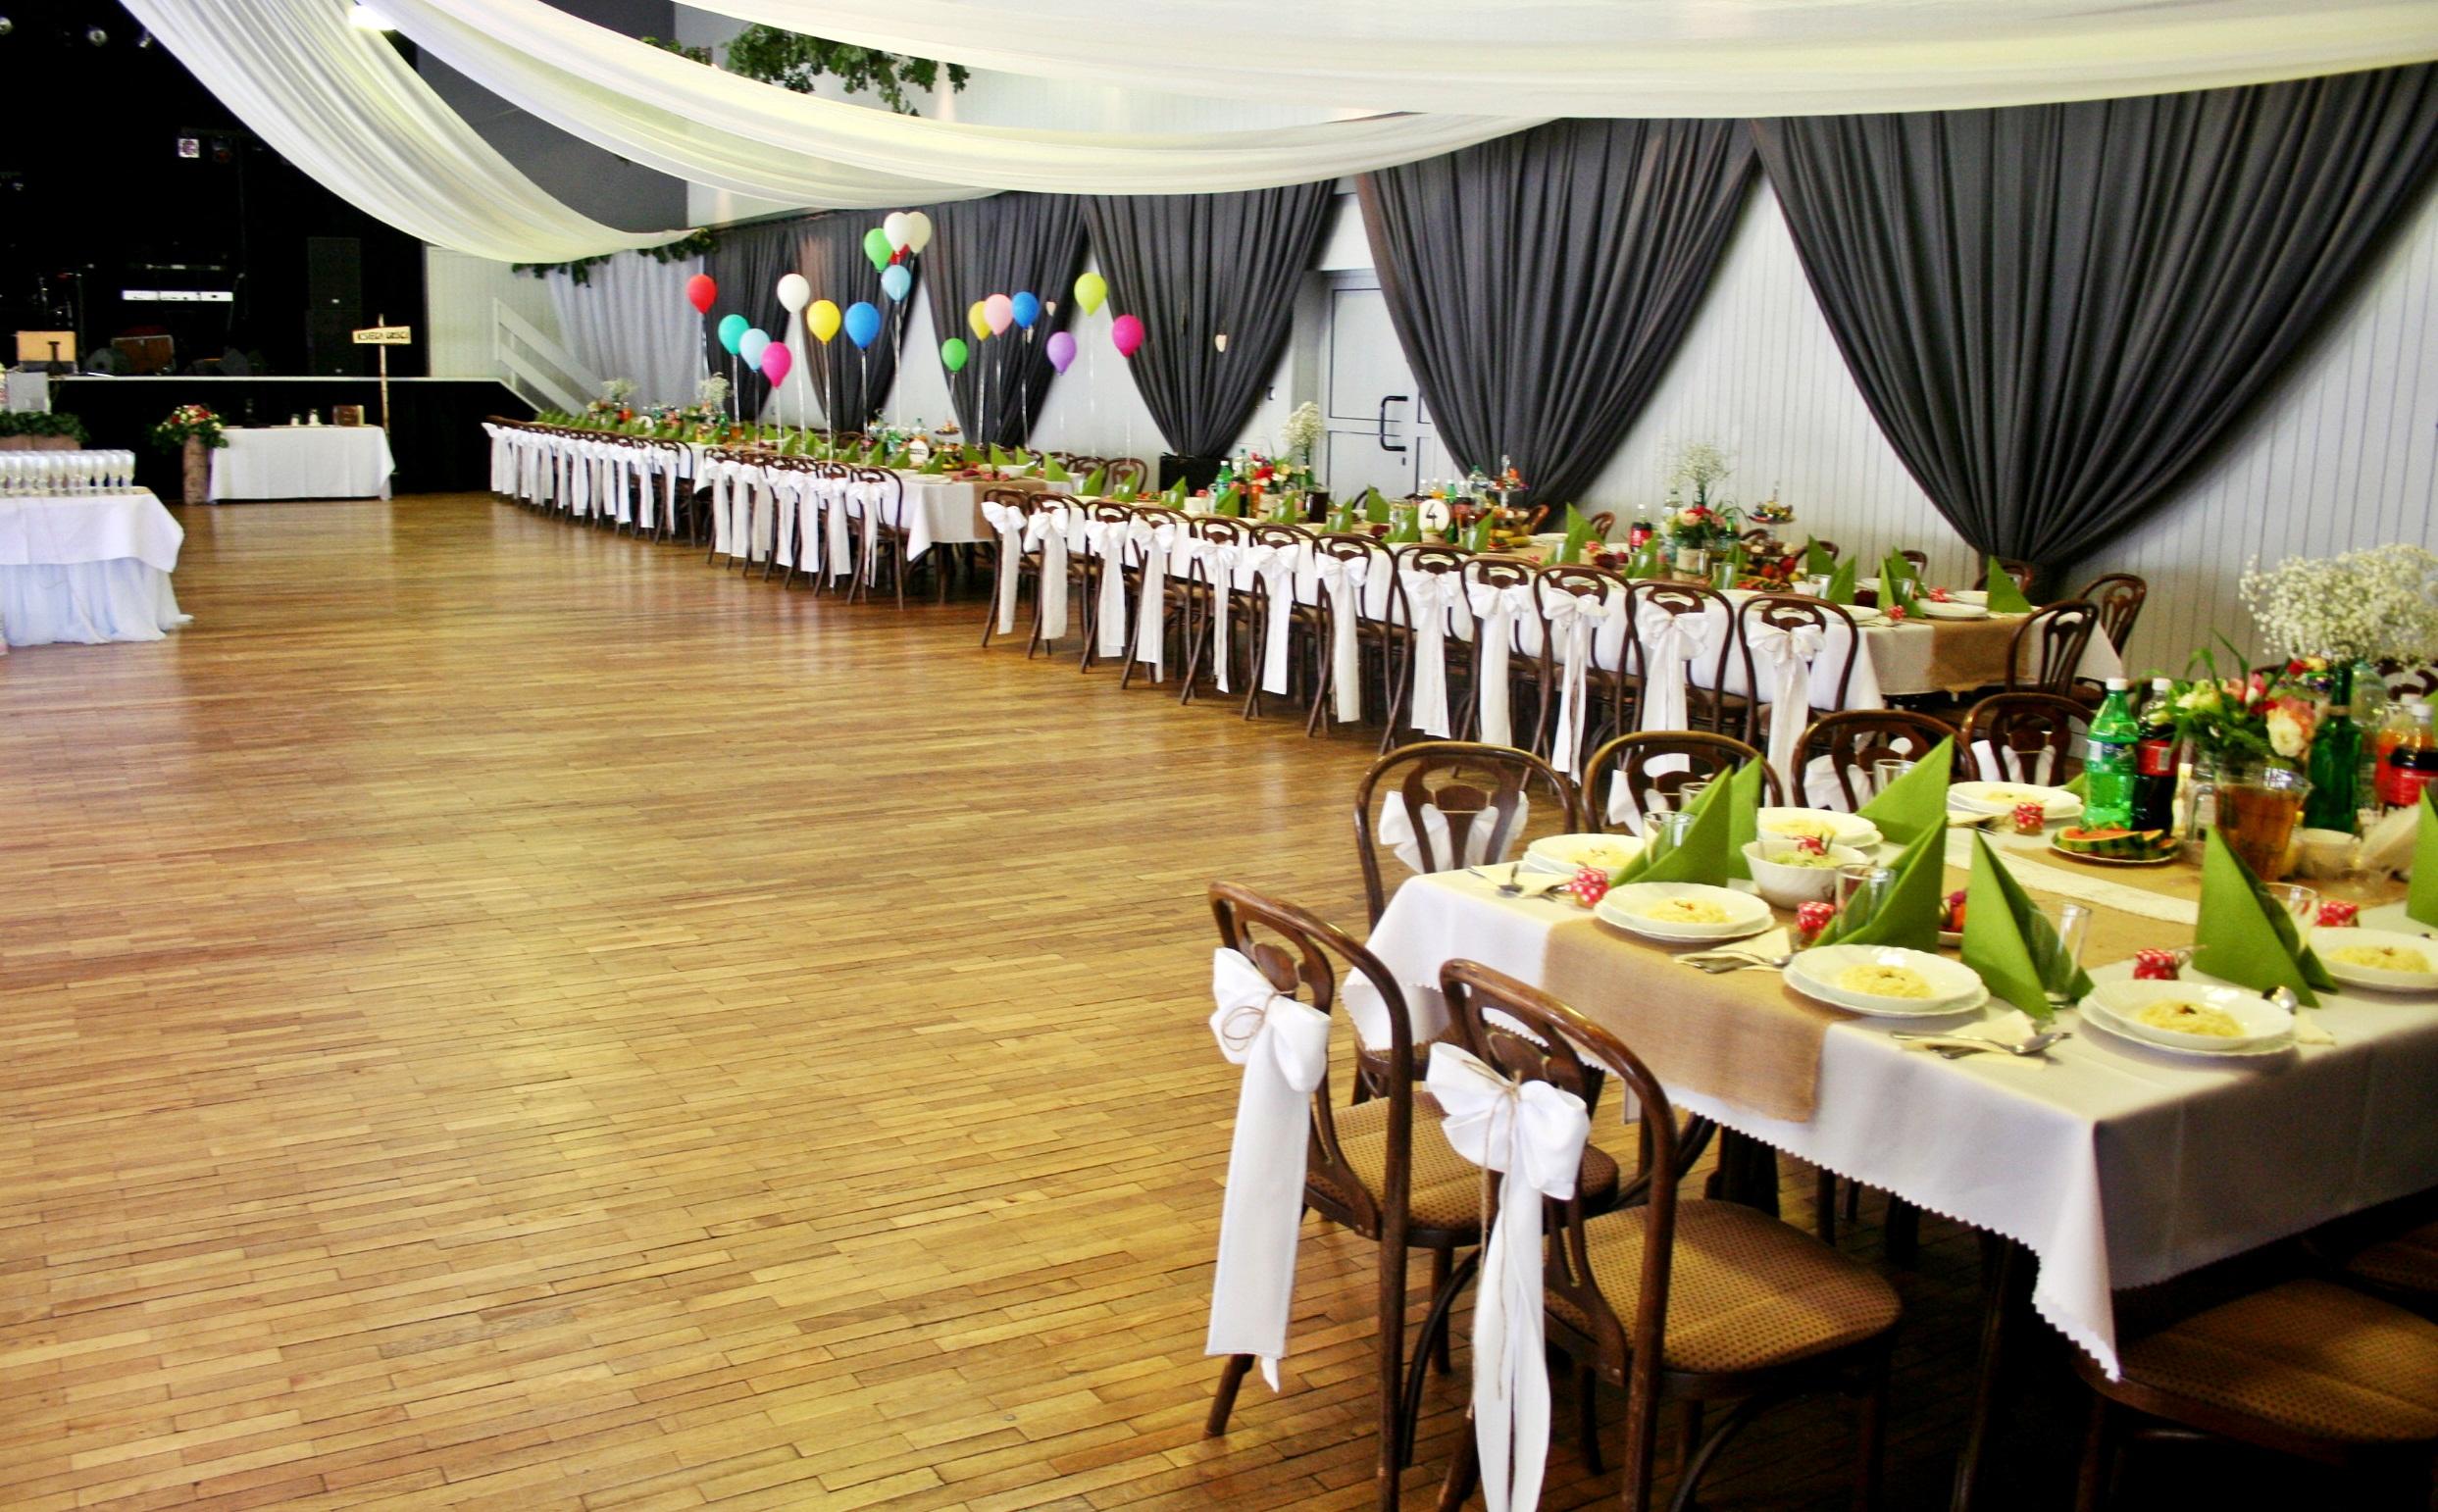 dekoracja weselna w stylu rustykalnym